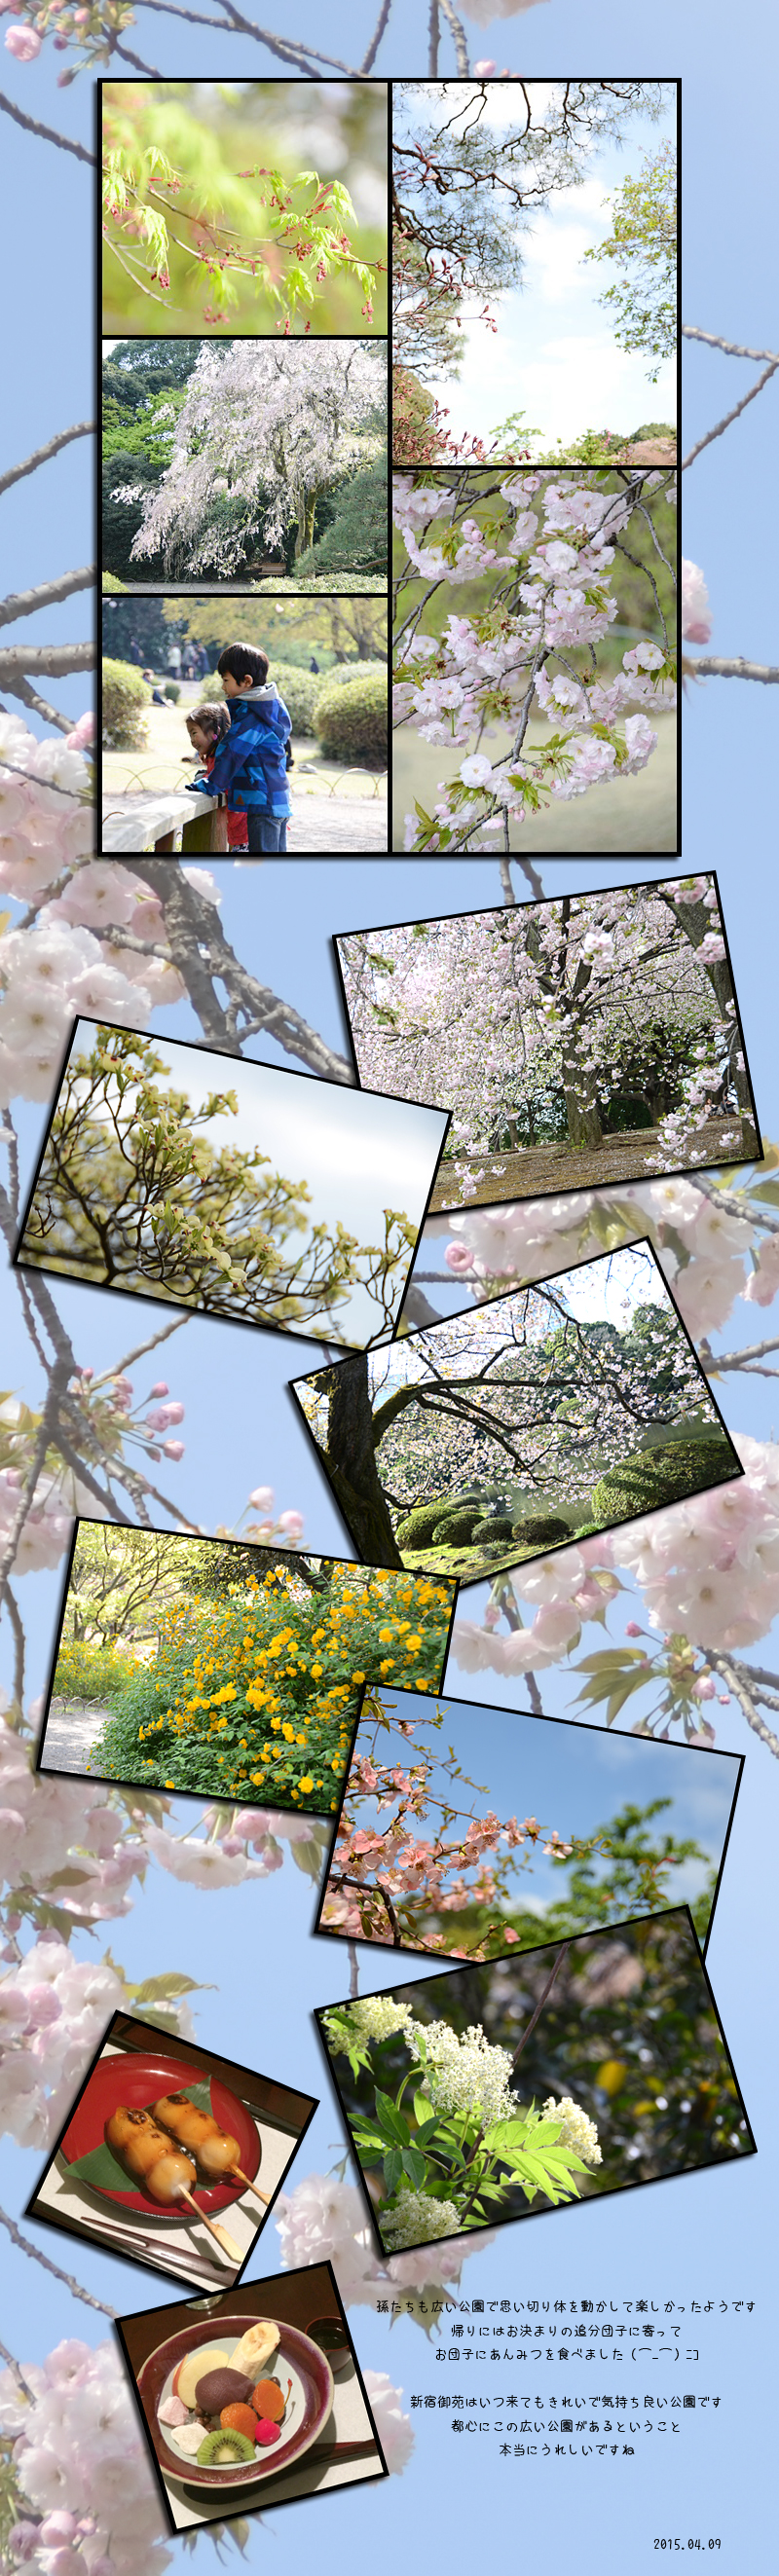 4月18日新宿御苑2